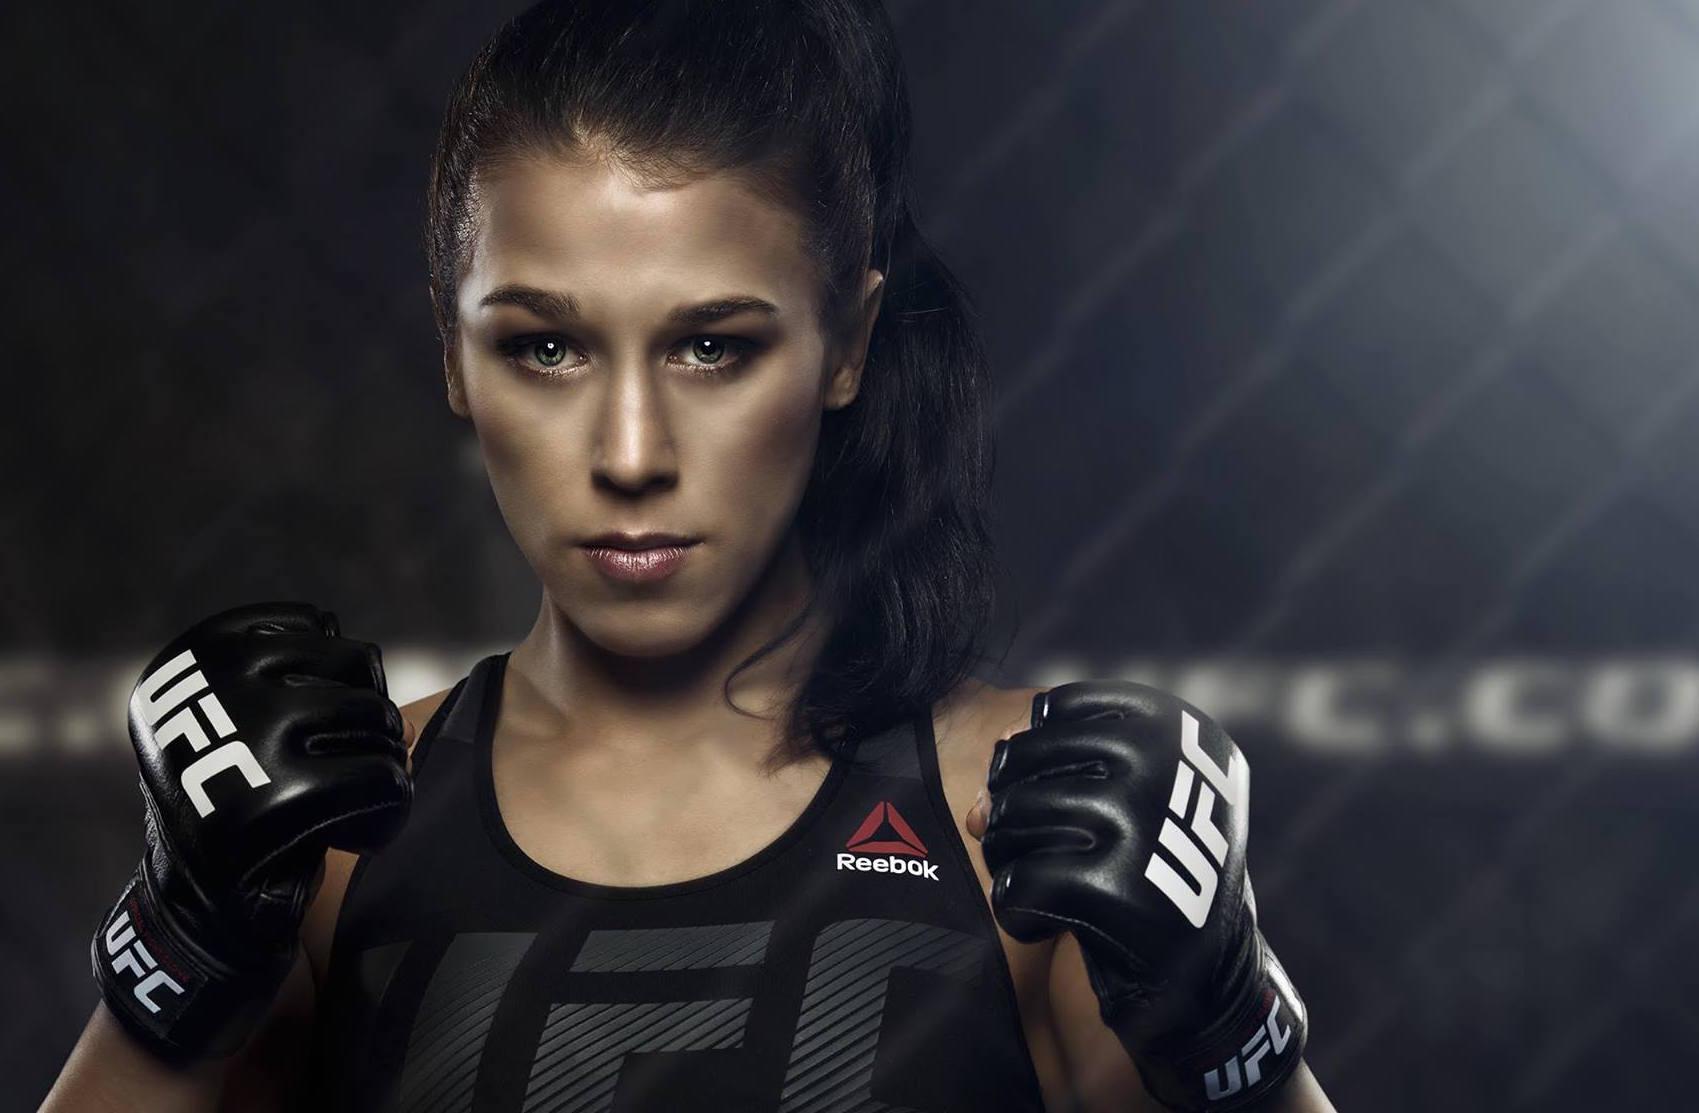 Próxima oponente de J. Jedrzejczyk é Tecia Torres no UFC On FOX 28 (Foto: Reproducao/Facebook Joanna Jedrzejczyk)